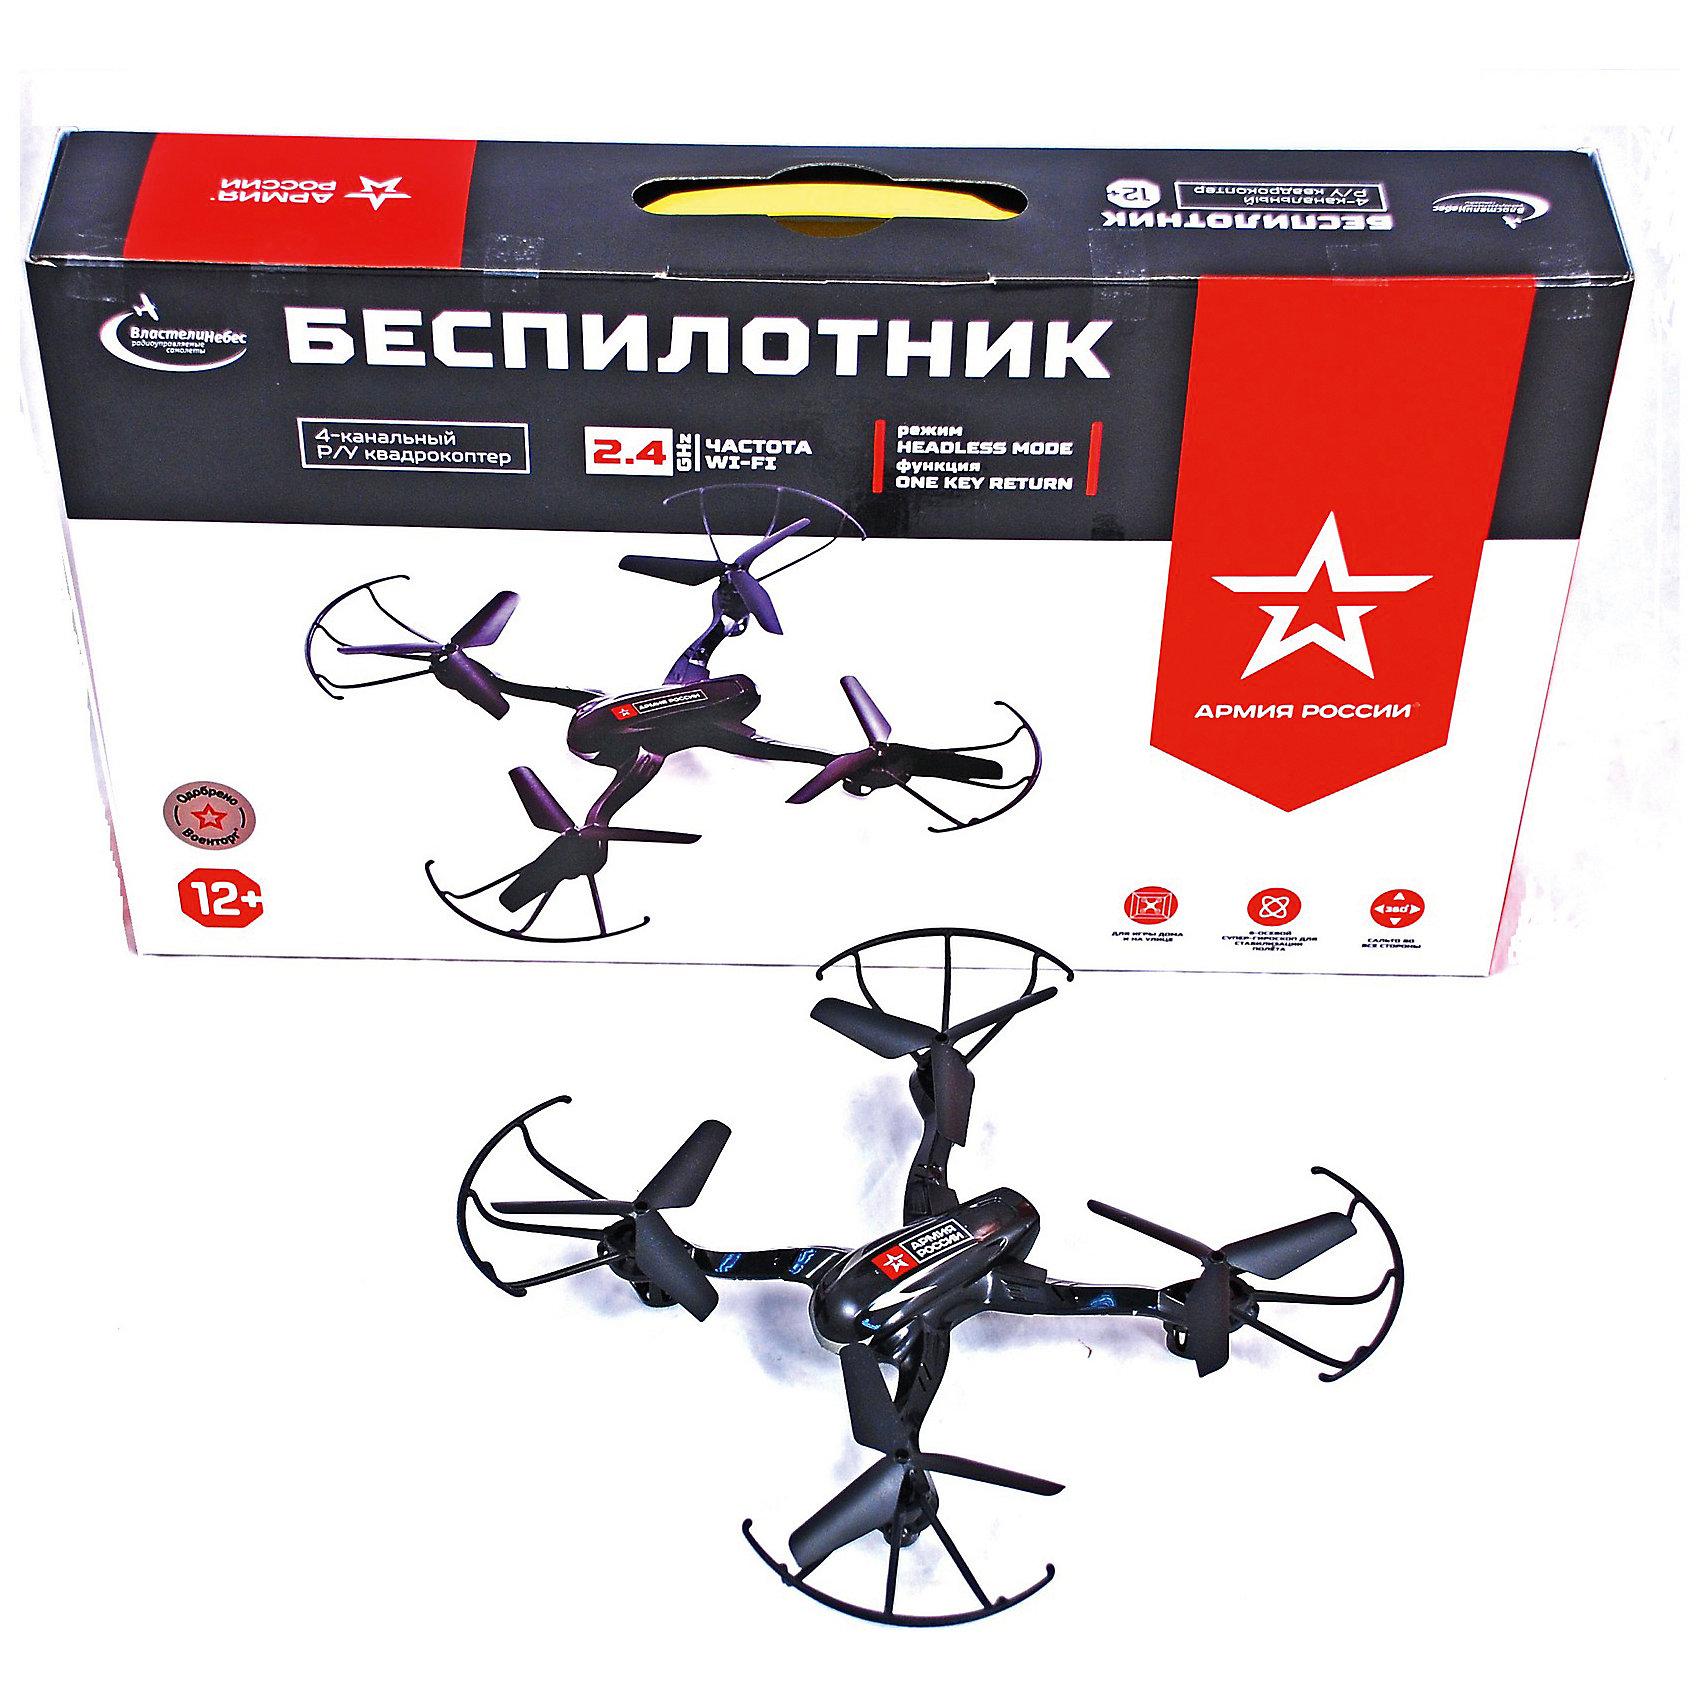 Квадрокоптер р/у Беспилотник, Властелин небесКвадрокоптеры<br>Квадрокоптер р/у Беспилотник, Властелин небес<br><br>Характеристики:<br><br>• летает в любом направлении<br>• поворачивается вокруг своей оси и зависает в воздухе<br>• яркие огни<br>• корпус из прочного пластика<br>• дальность управления: до 100 метров<br>• время игры: 8 минут<br>• время зарядки: 50 минут<br>• размер игрушки: 22х22х4 см<br>• материал: металл, пластик<br>• частота р/у: 2,4 МГц<br>• размер упаковки: 45х26х8 см<br>• вес: 515 грамм<br>• батарейки: АА - 4 шт. (не входят в комплект)<br>• в комплекте: квадрокоптер, пульт управления, 2 запасных пропеллера, 2 ножки, кабель USB, аккумулятор, отвертка, инструкция<br><br>Квадрокоптер Беспилотник подарит вам возможность насладиться красивым полетом в любое время суток. Игрушка летает в любом направлении, а встроенный гироскоп обеспечивает стабильность полета и зависание в воздухе. Яркие огни сделает полет еще привлекательнее в сумеречное время. Дальность полета зависит от погодных условий и составляет до 100 метров. Квадрокоптер оснащен функцией автоориентации и функцией автоматического возврата к точке взлета. Время игры при полной зарядке составляет 8 минут.<br>Необходимы четыре батарейки АА (не входят в комплект).<br><br>Квадрокоптер р/у Беспилотник, Властелин небес можно купить в нашем интернет-магазине.<br><br>Ширина мм: 70<br>Глубина мм: 435<br>Высота мм: 255<br>Вес г: 670<br>Возраст от месяцев: 144<br>Возраст до месяцев: 2147483647<br>Пол: Мужской<br>Возраст: Детский<br>SKU: 5397113